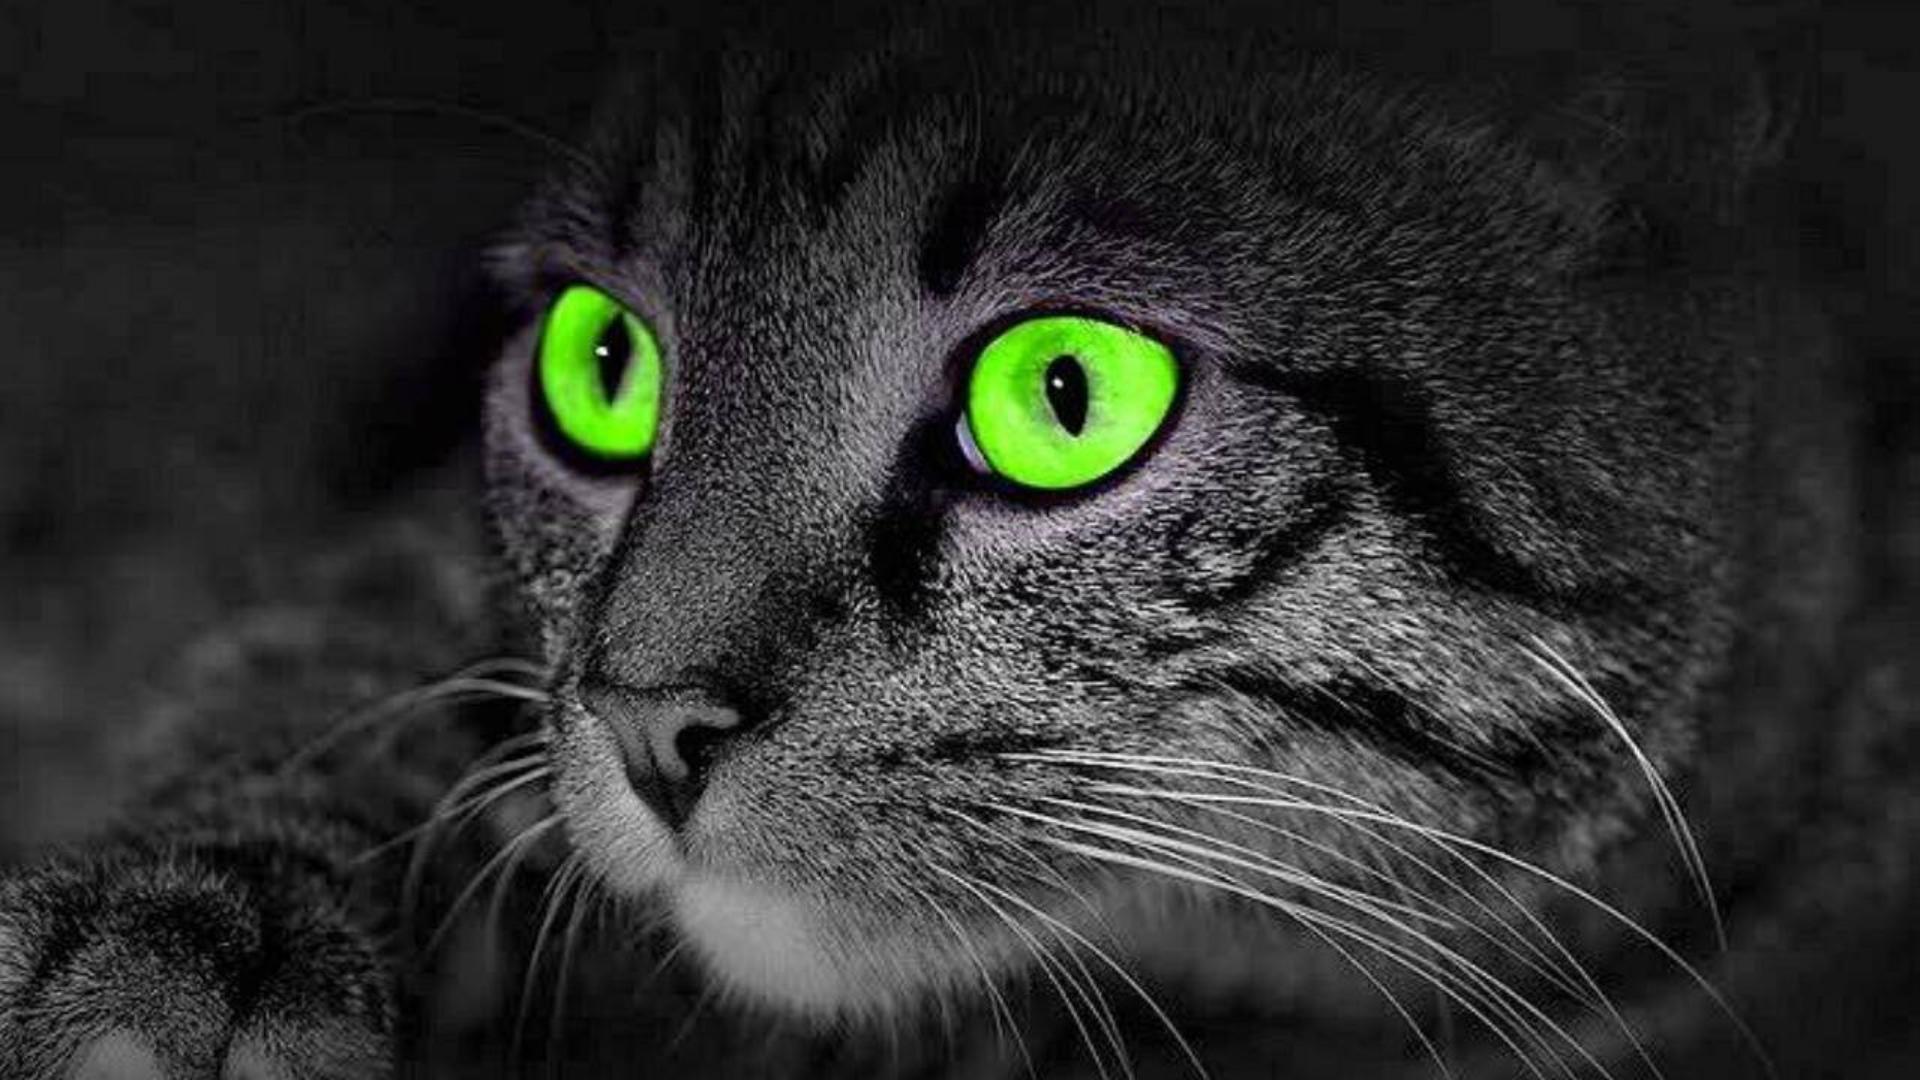 【奥雷】四则关于猫咪的恐怖小故事 让您一次看个够 欧美冷门分段式恐怖片《食人猫大报复》